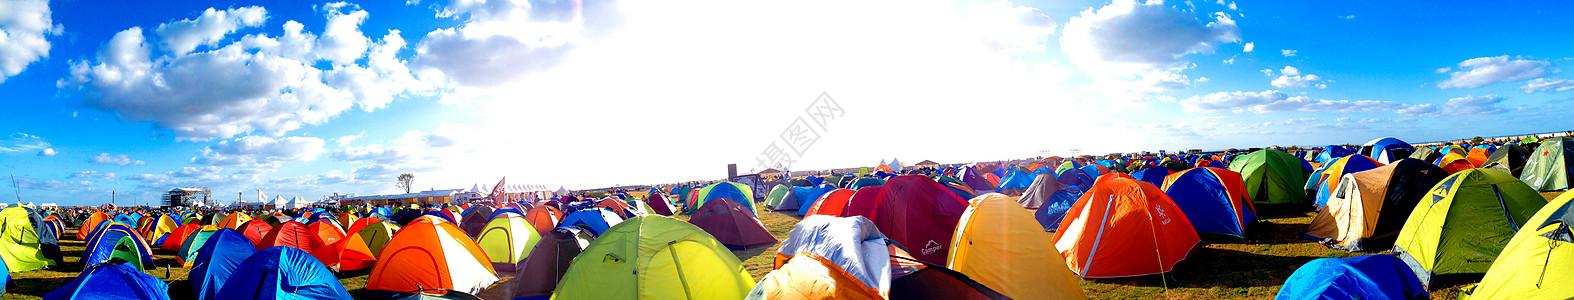 户外草地上的帐篷图片